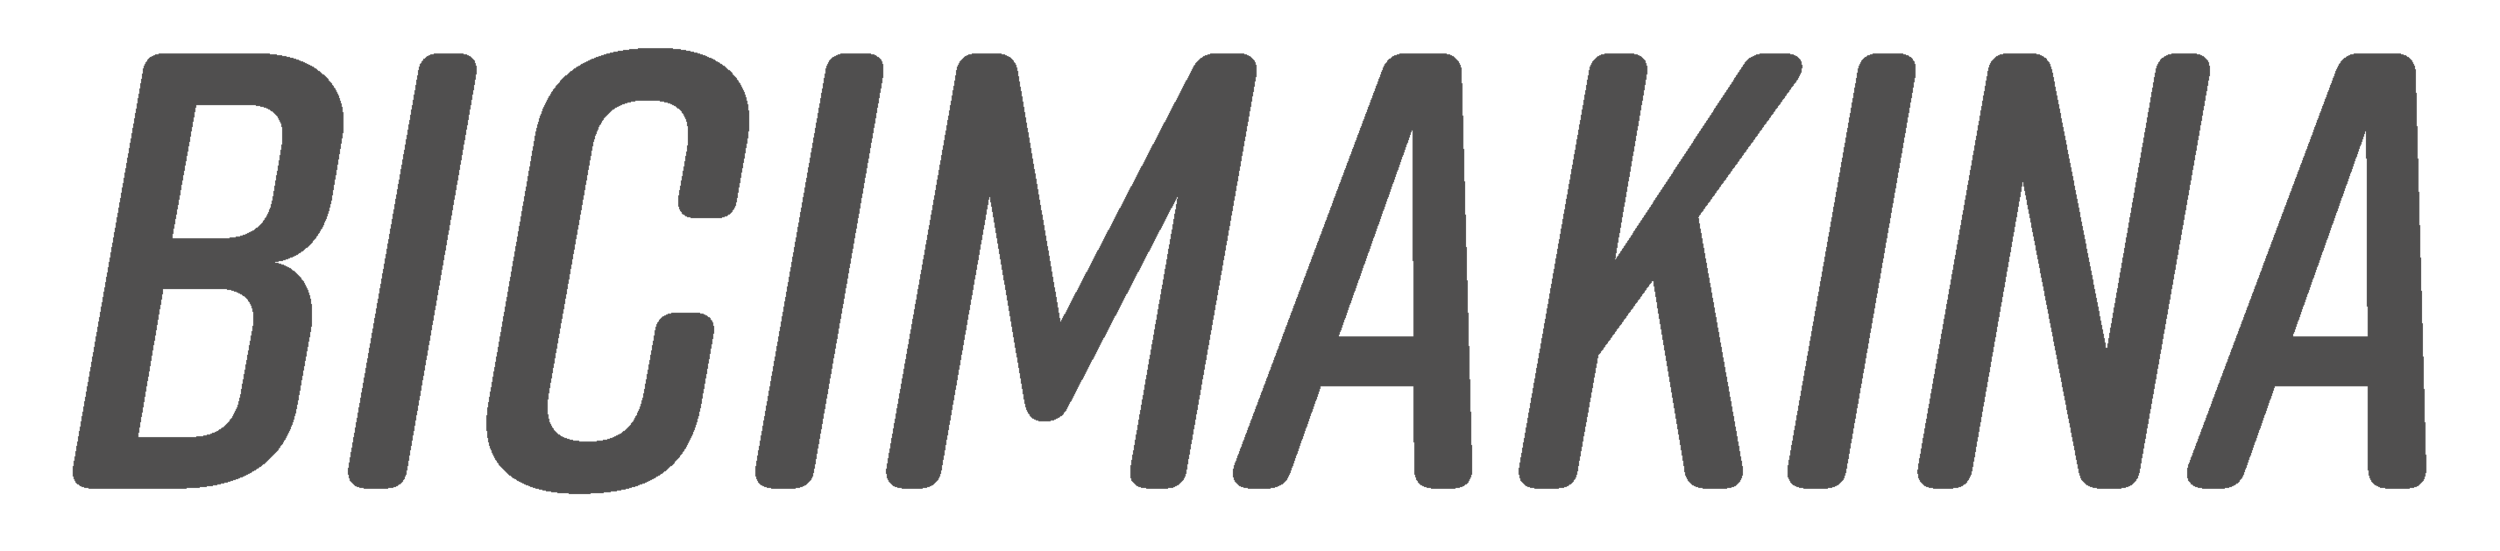 Bicimakina logo (gray) cropped.png